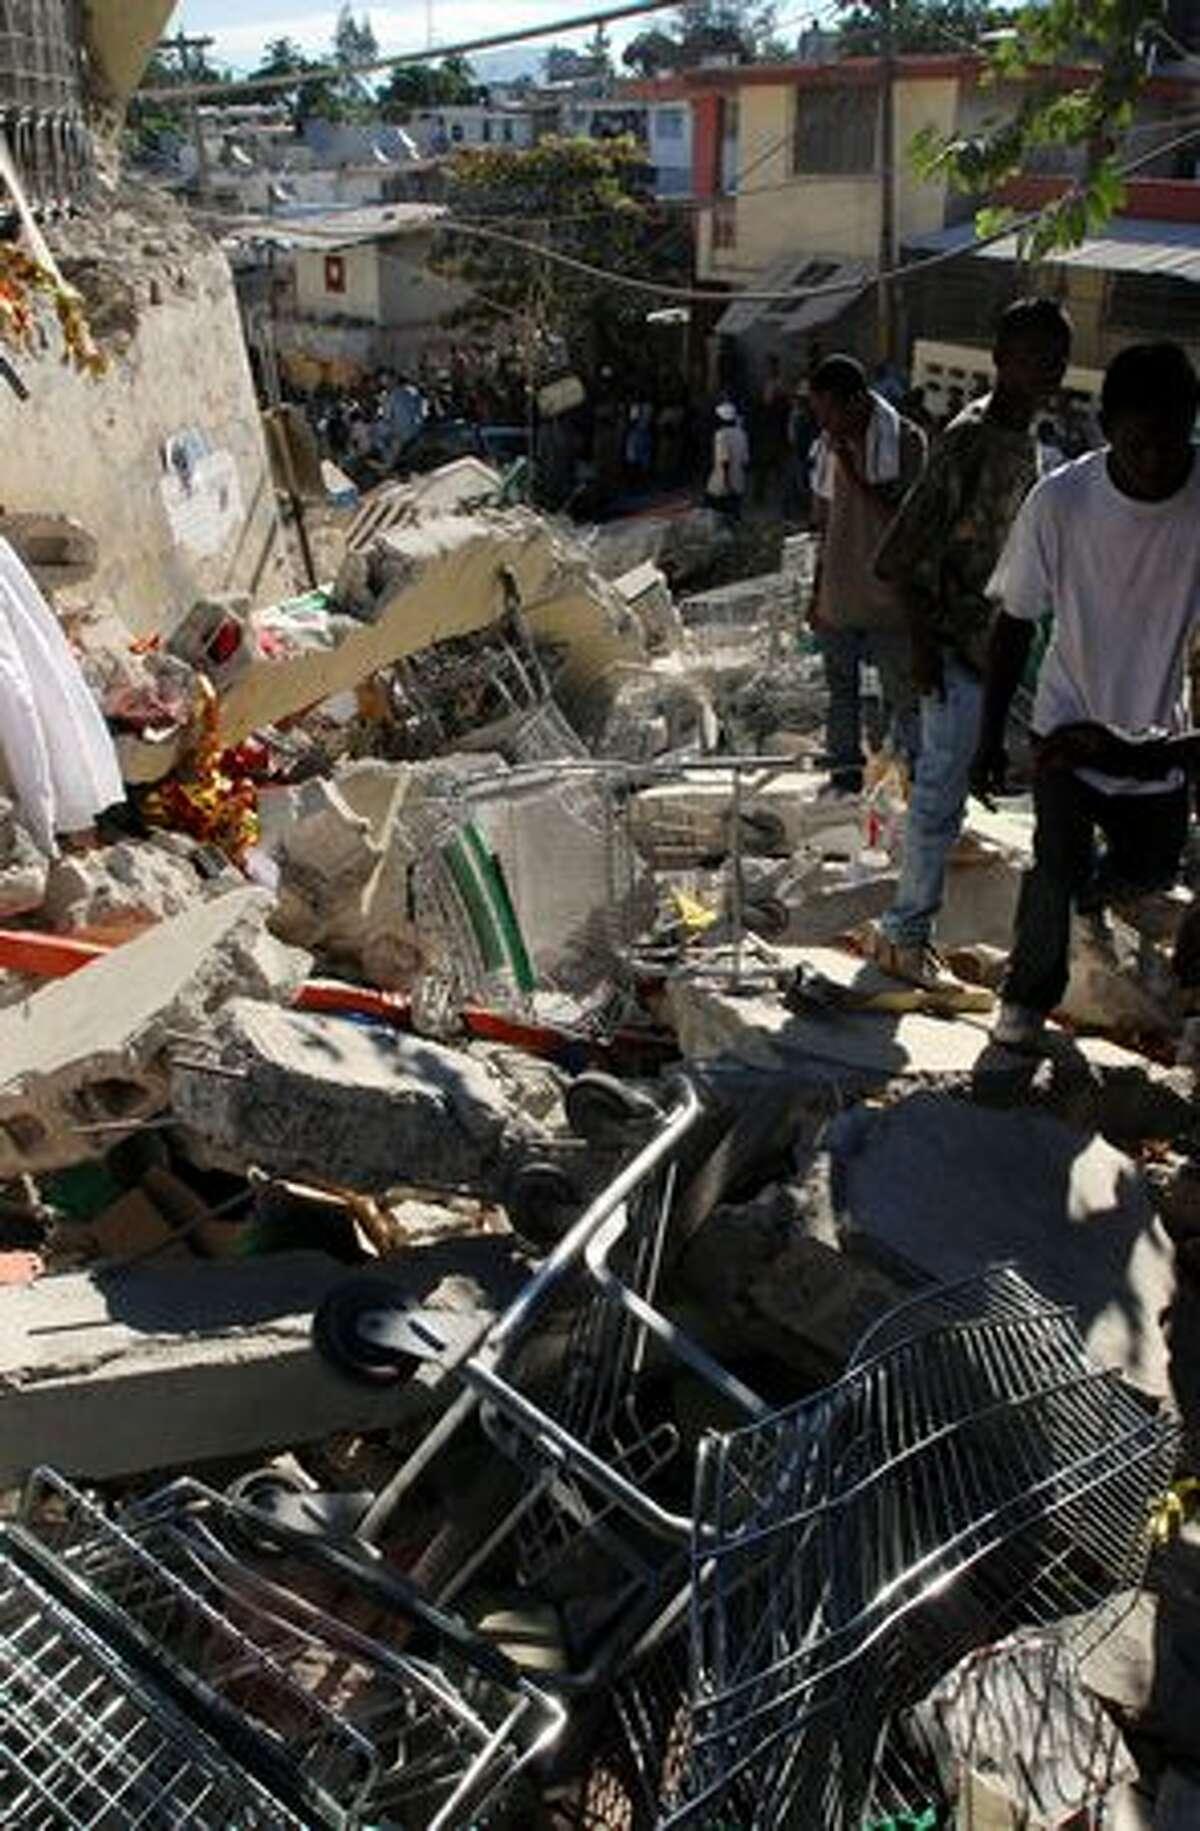 Debris litters a street in Port-au-Prince, Haiti.